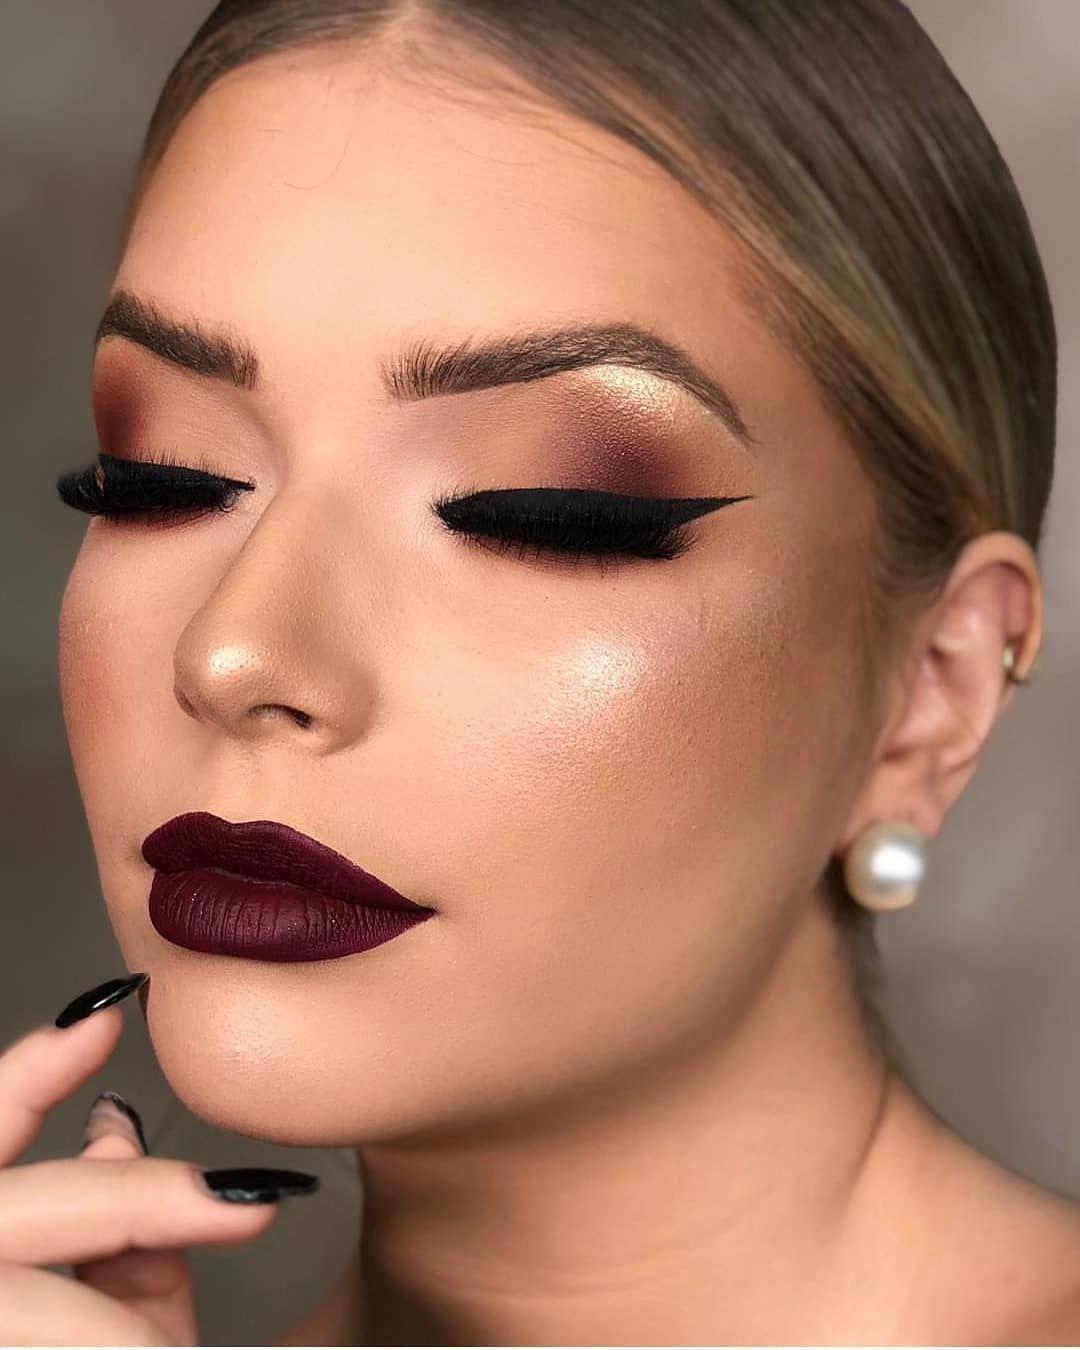 Great Full Face Makeup Ideas Fullfacemakeupideas Beauty Makeup Tutorial Cute Makeup Looks Full Face Makeup